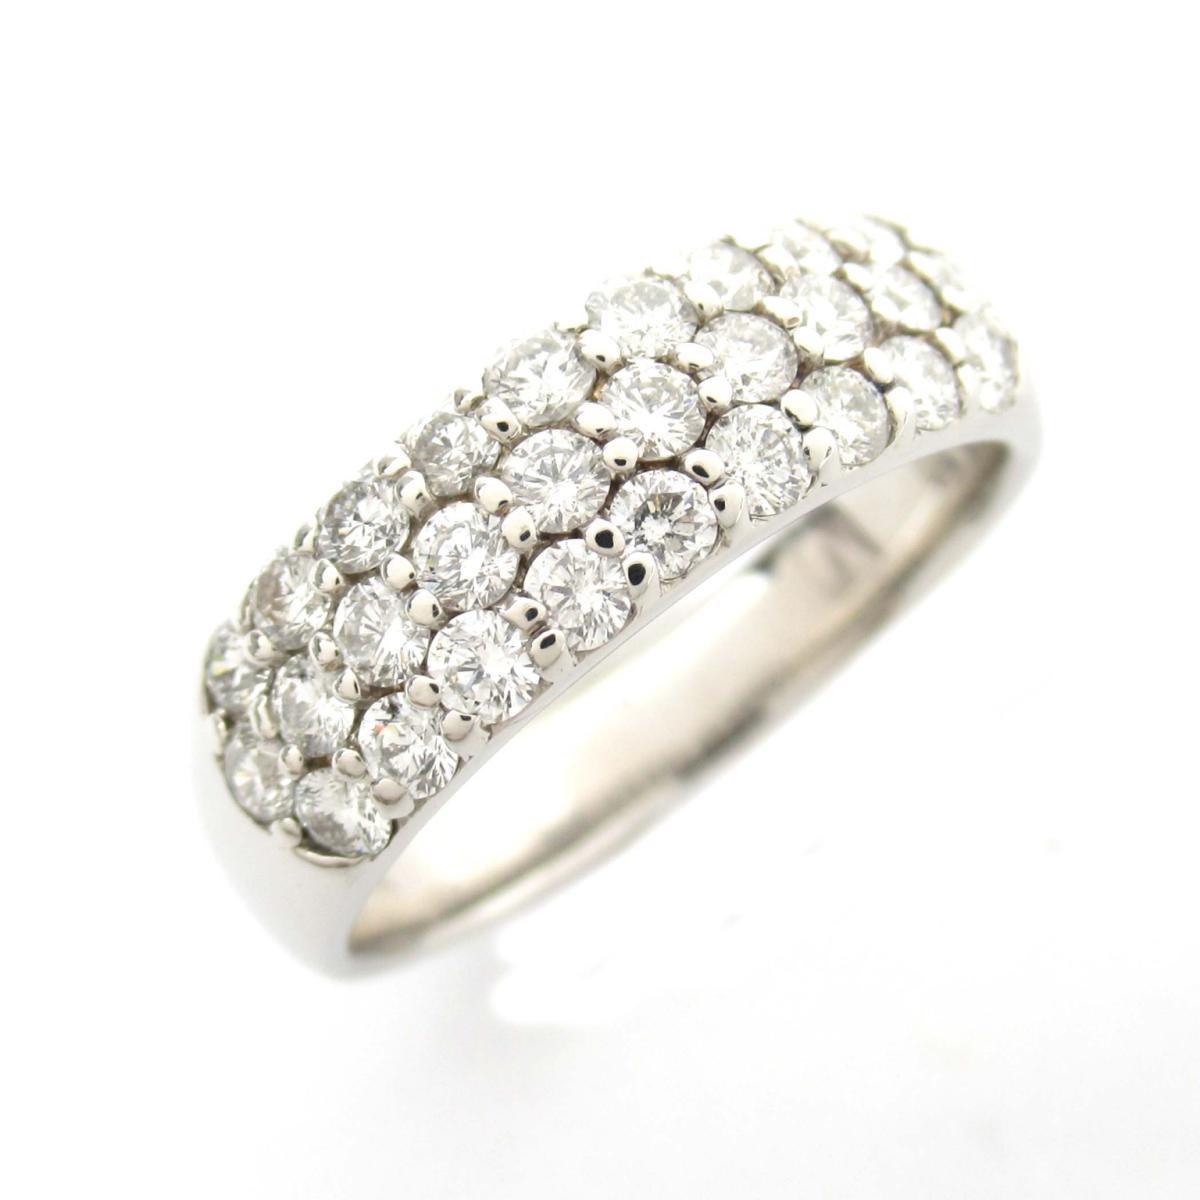 ジュエリー ダイヤモンド リング 指輪 ノーブランドジュエリー レディース PT900 プラチナ x ダイヤモンド1.00ct 【中古】 | JEWELRY BRANDOFF ブランドオフ アクセサリー